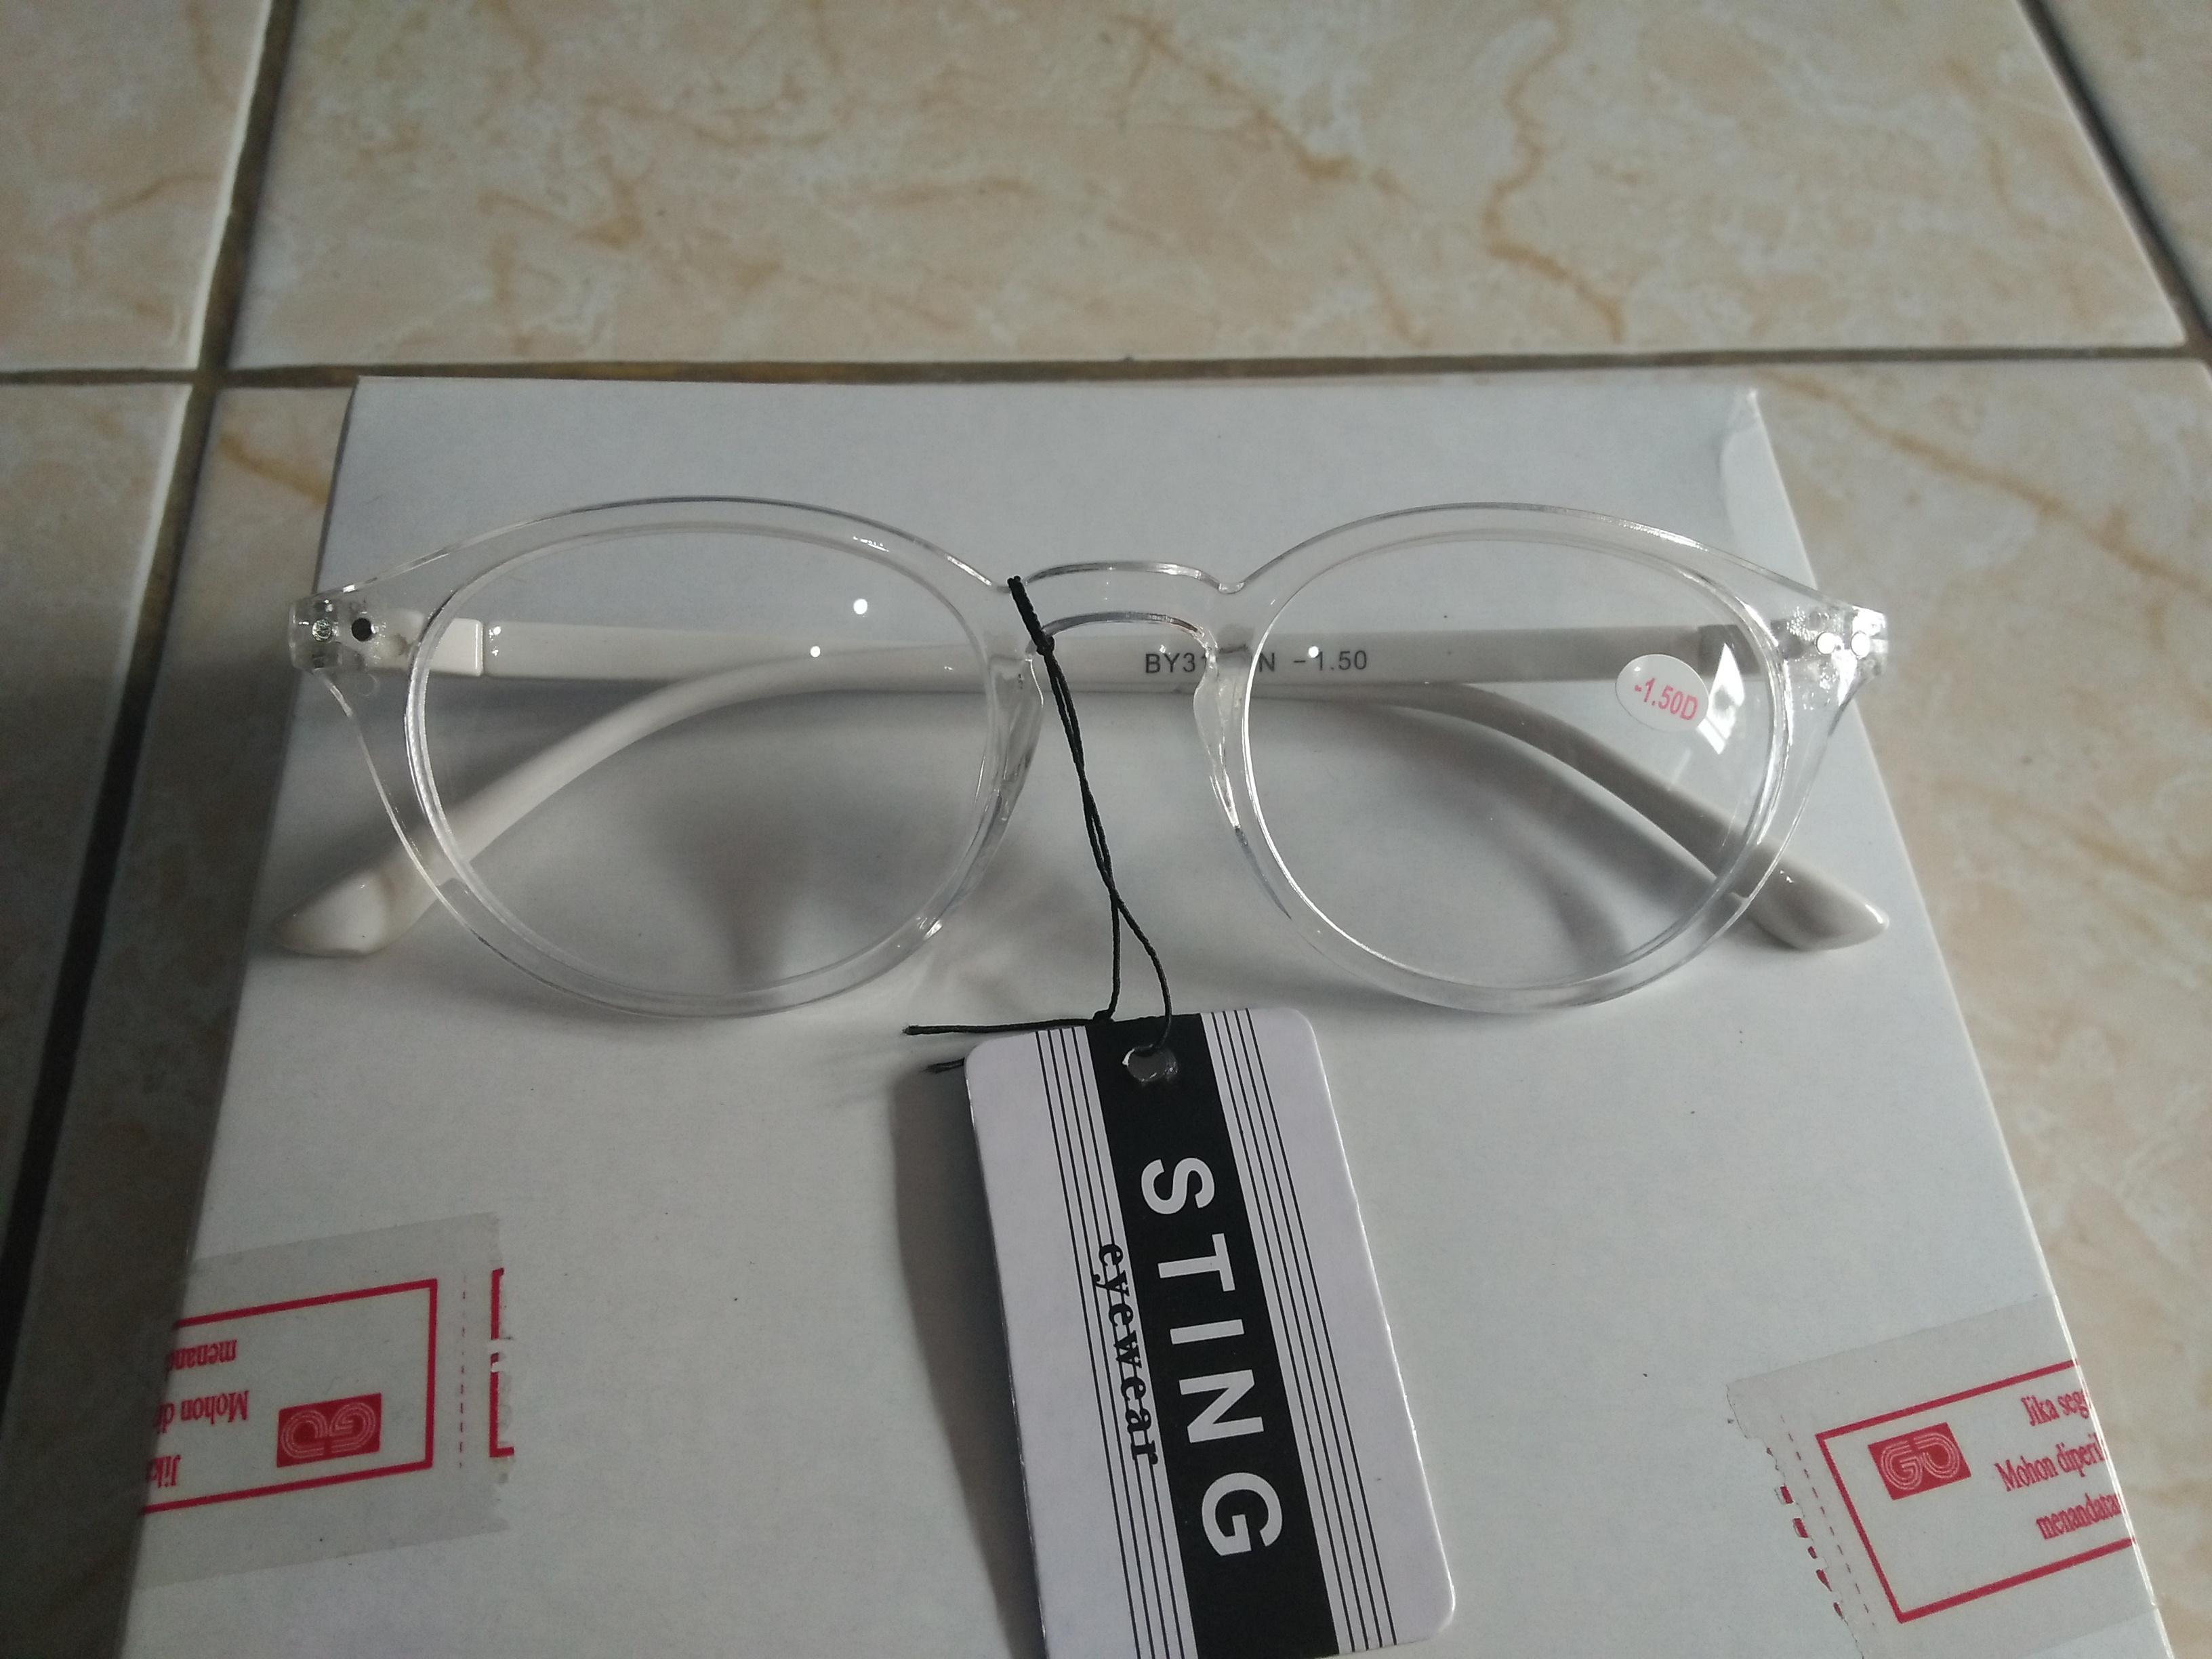 Promo kacamata baca kacamata minus 0.50 kacamata murah oval bening trendy  gaya korea ee335e743b